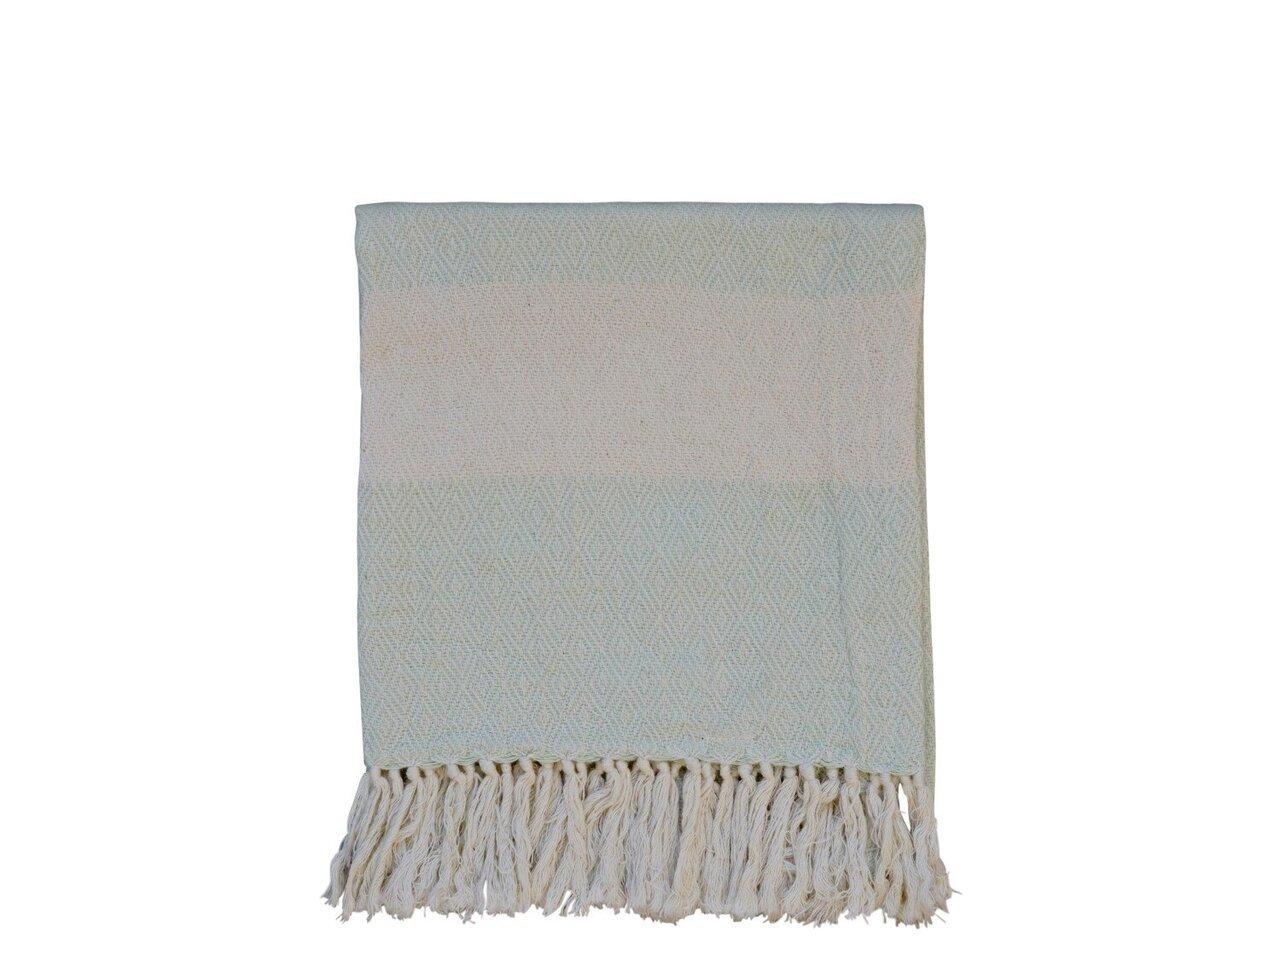 Chic Antique Hammam Handtuch mit Muster